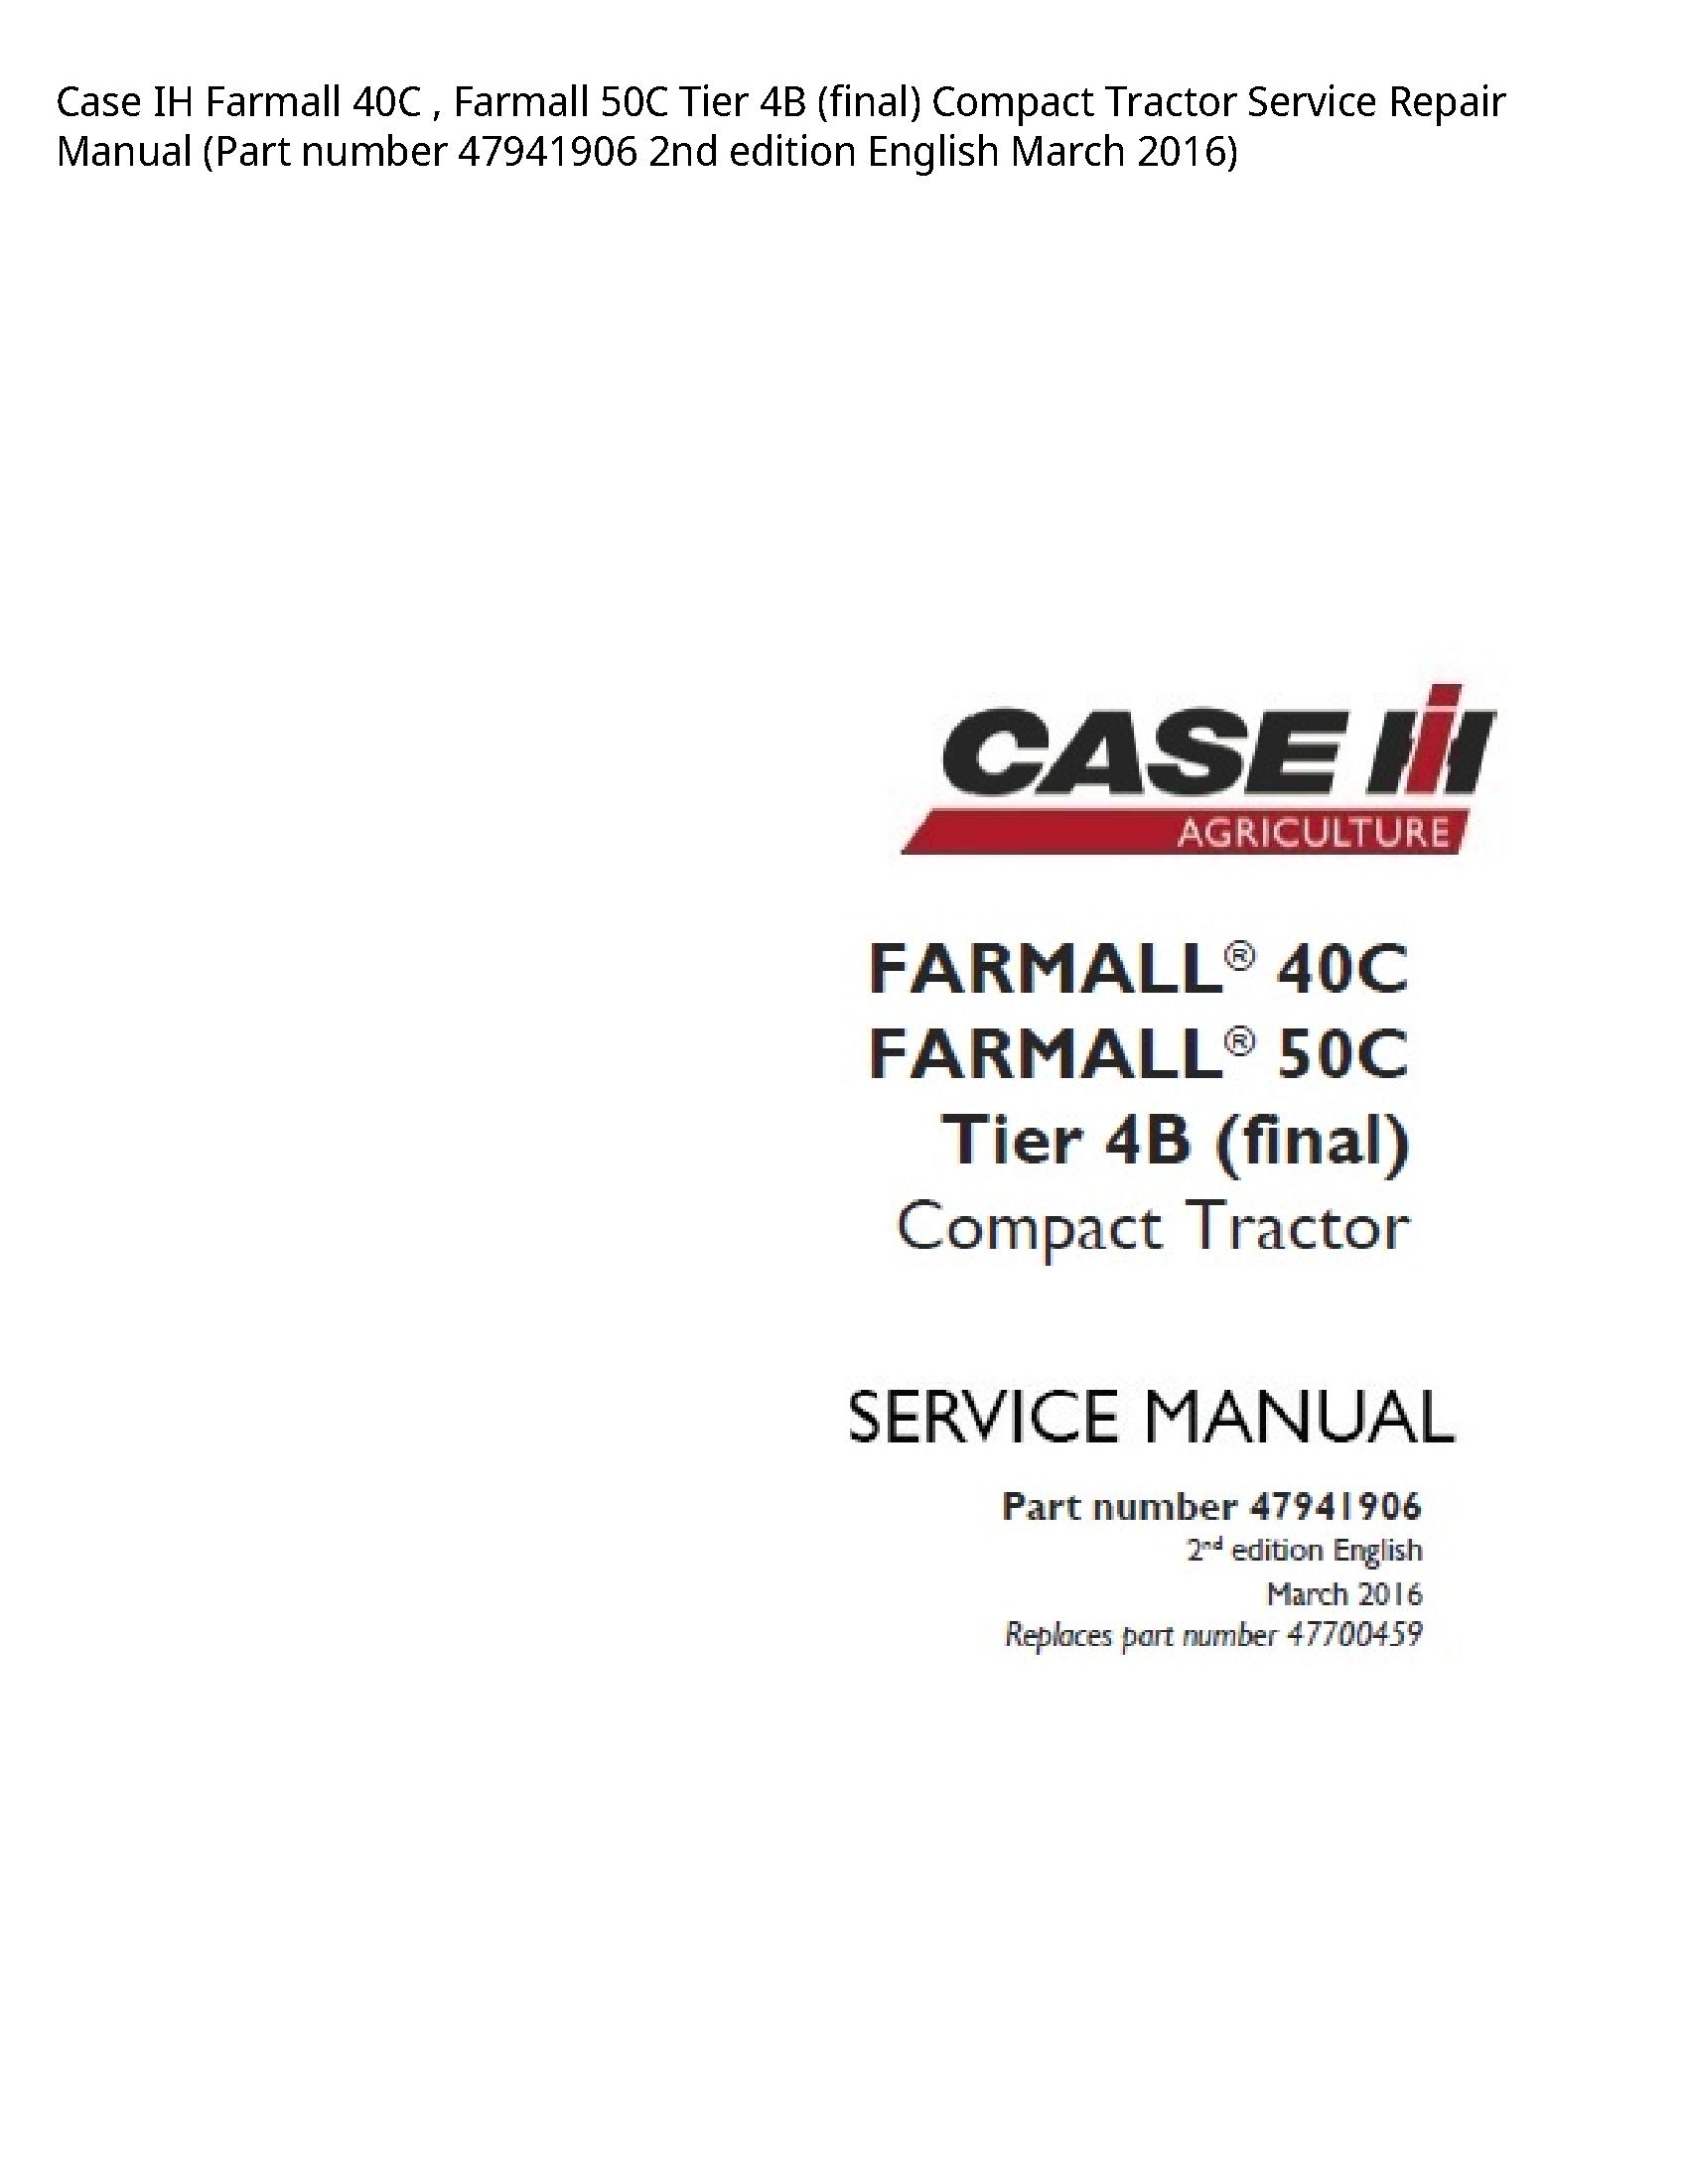 Case/Case IH 40C IH Farmall Farmall Tier (final) Compact Tractor manual